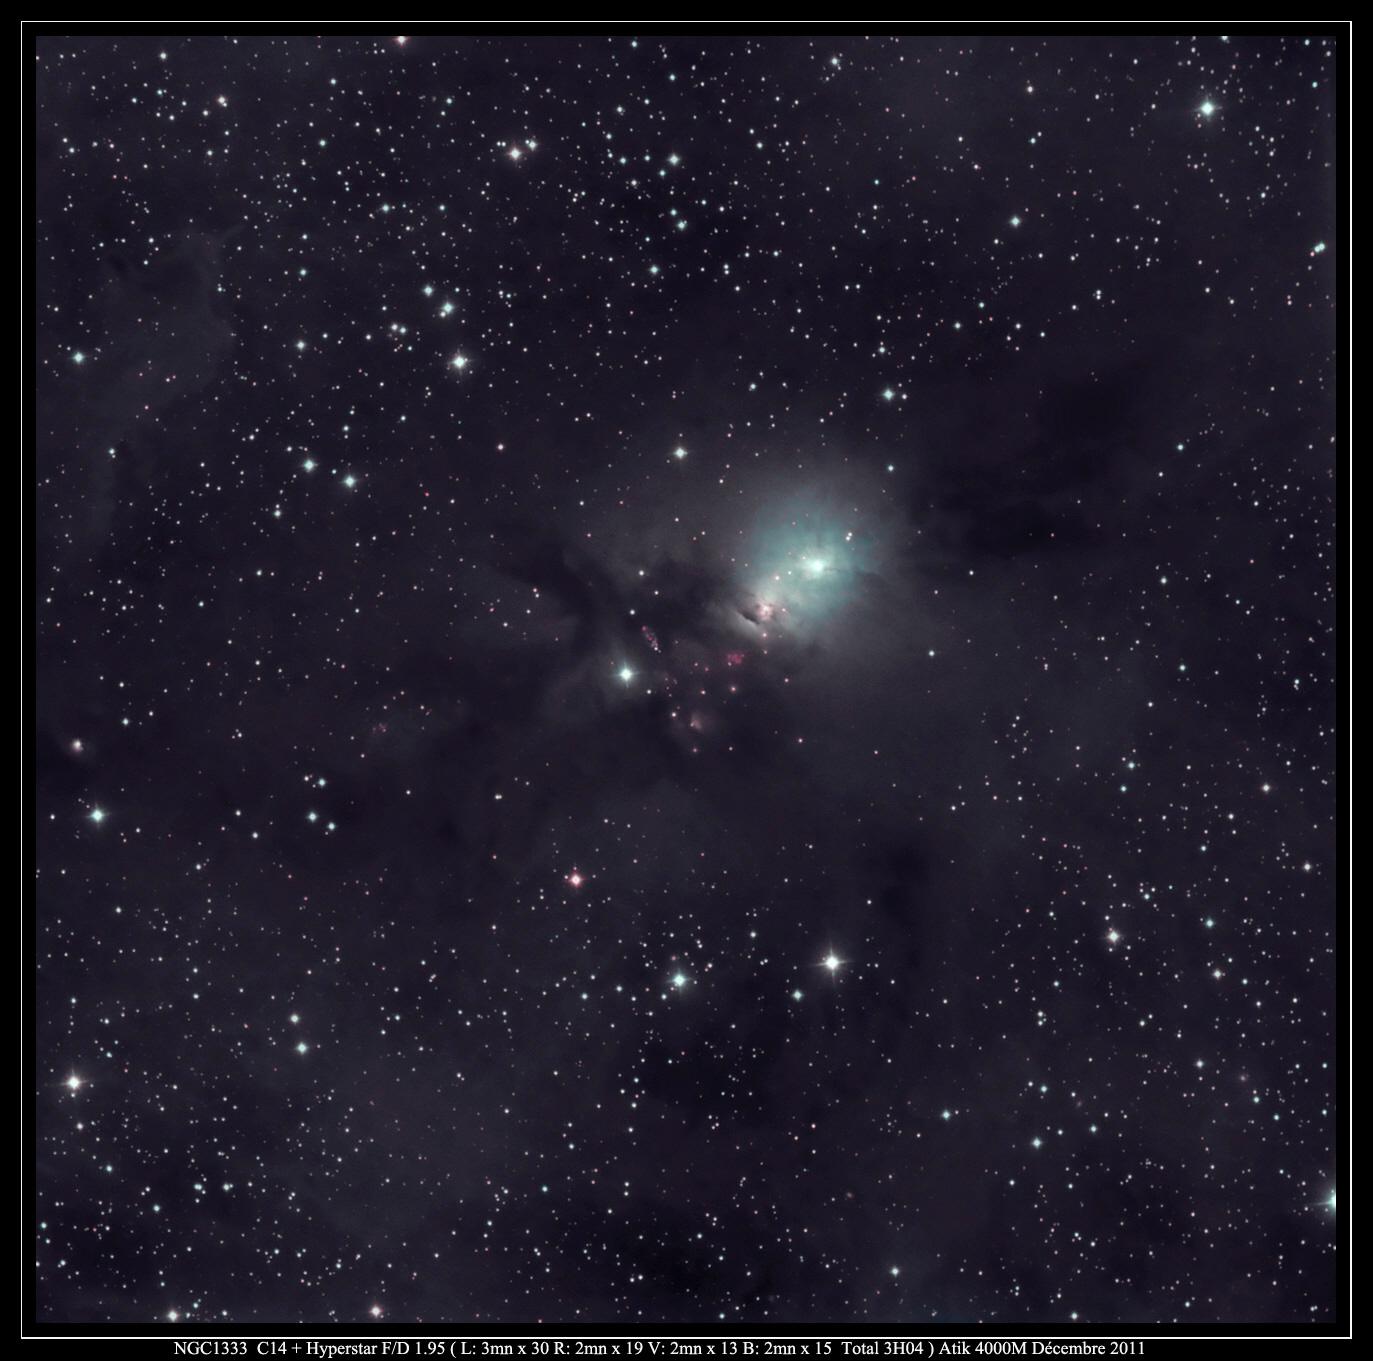 Aqua Burst: Skywatcher Photo Reveals Nebula's Blue Glow